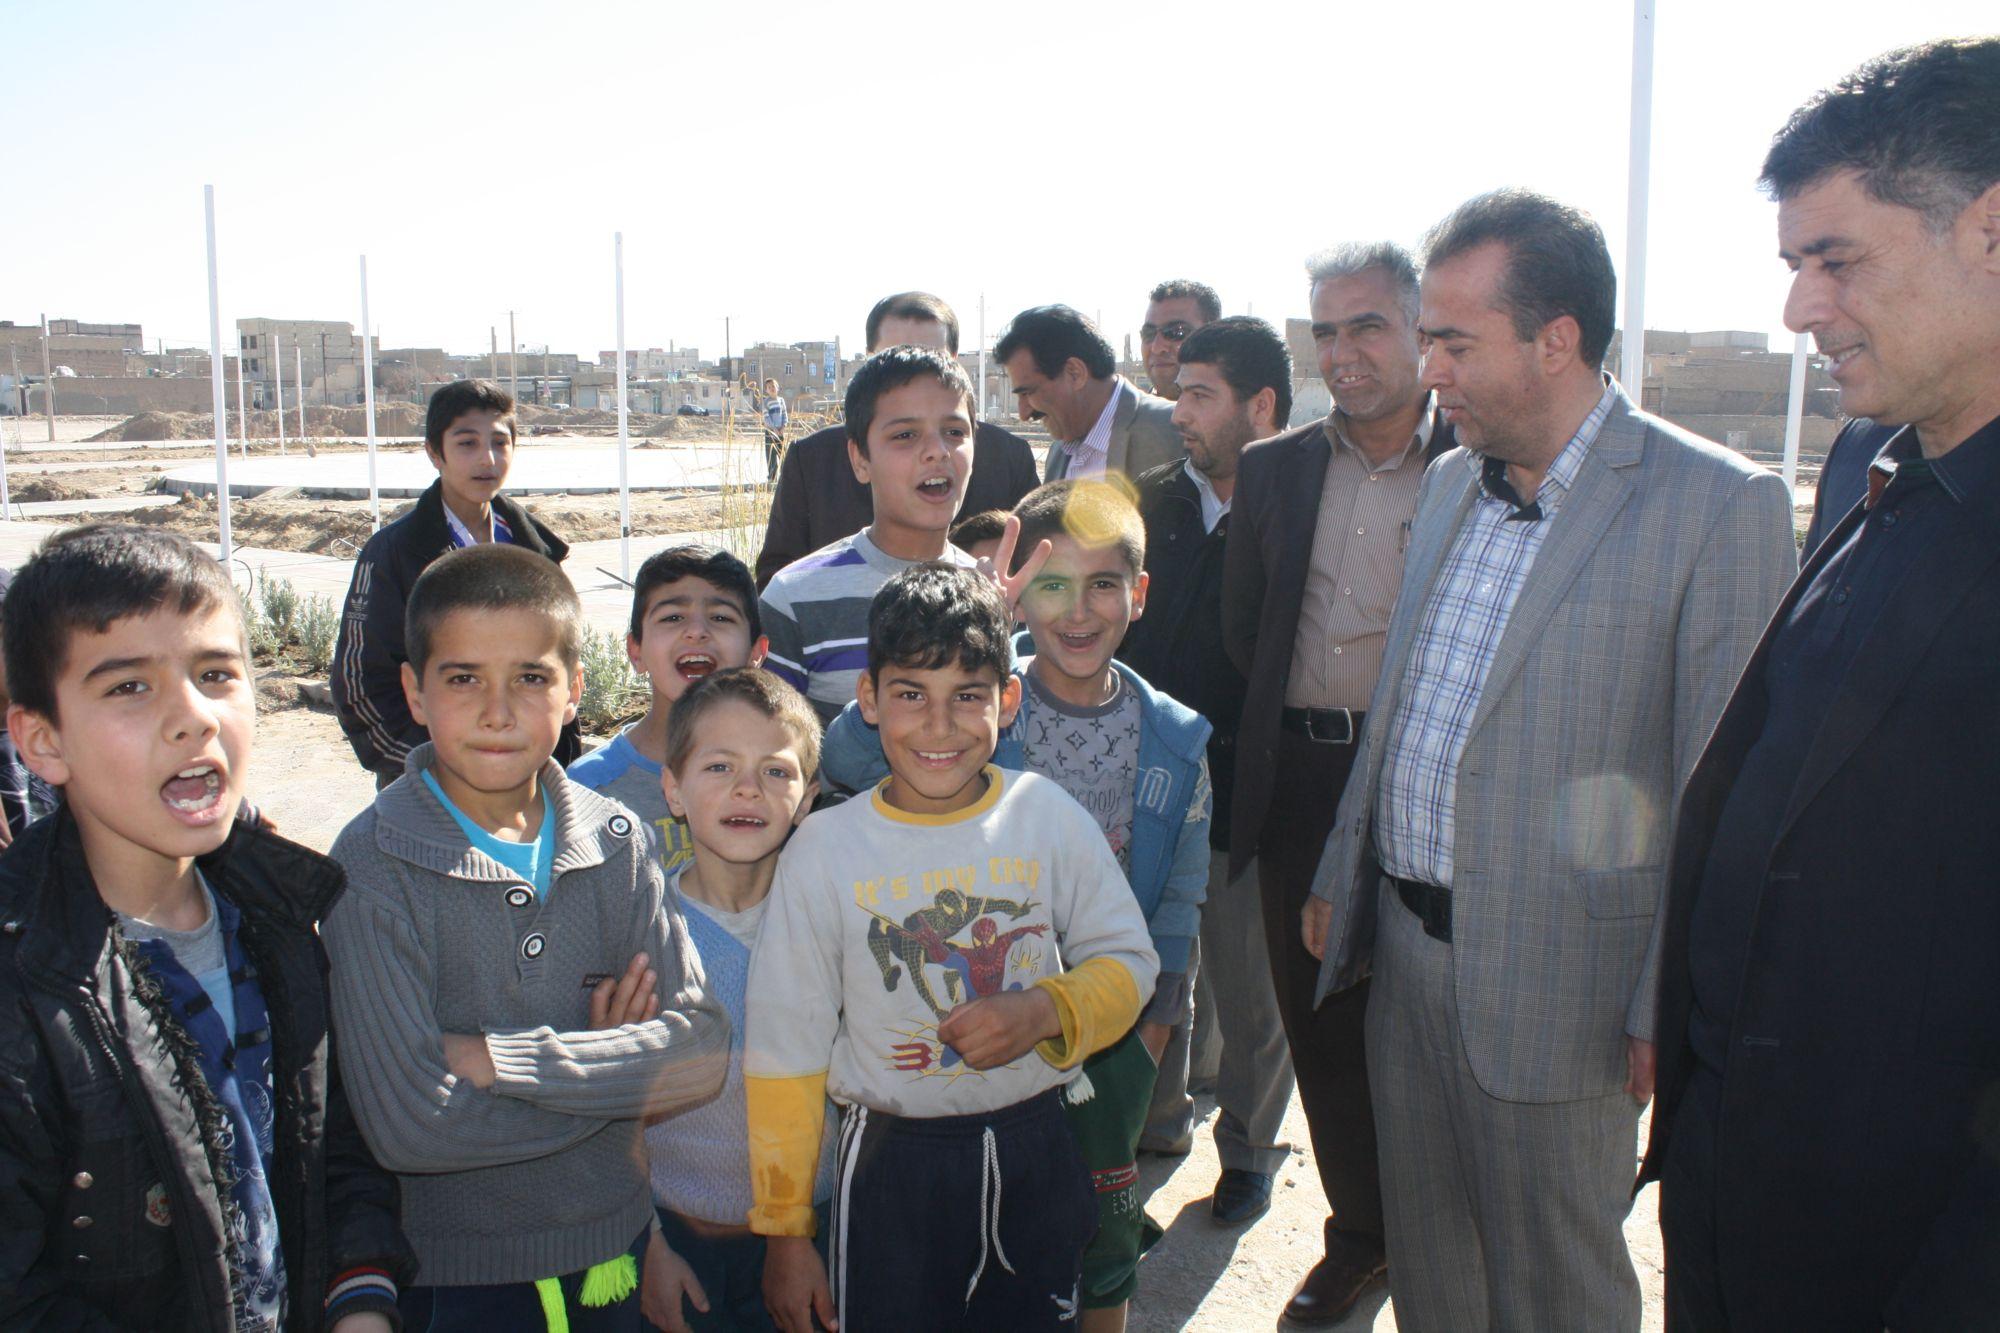 بازدید رییس شورای اسلامی شهرستان ورامین از پروژه های در دست اقدام شهرداری